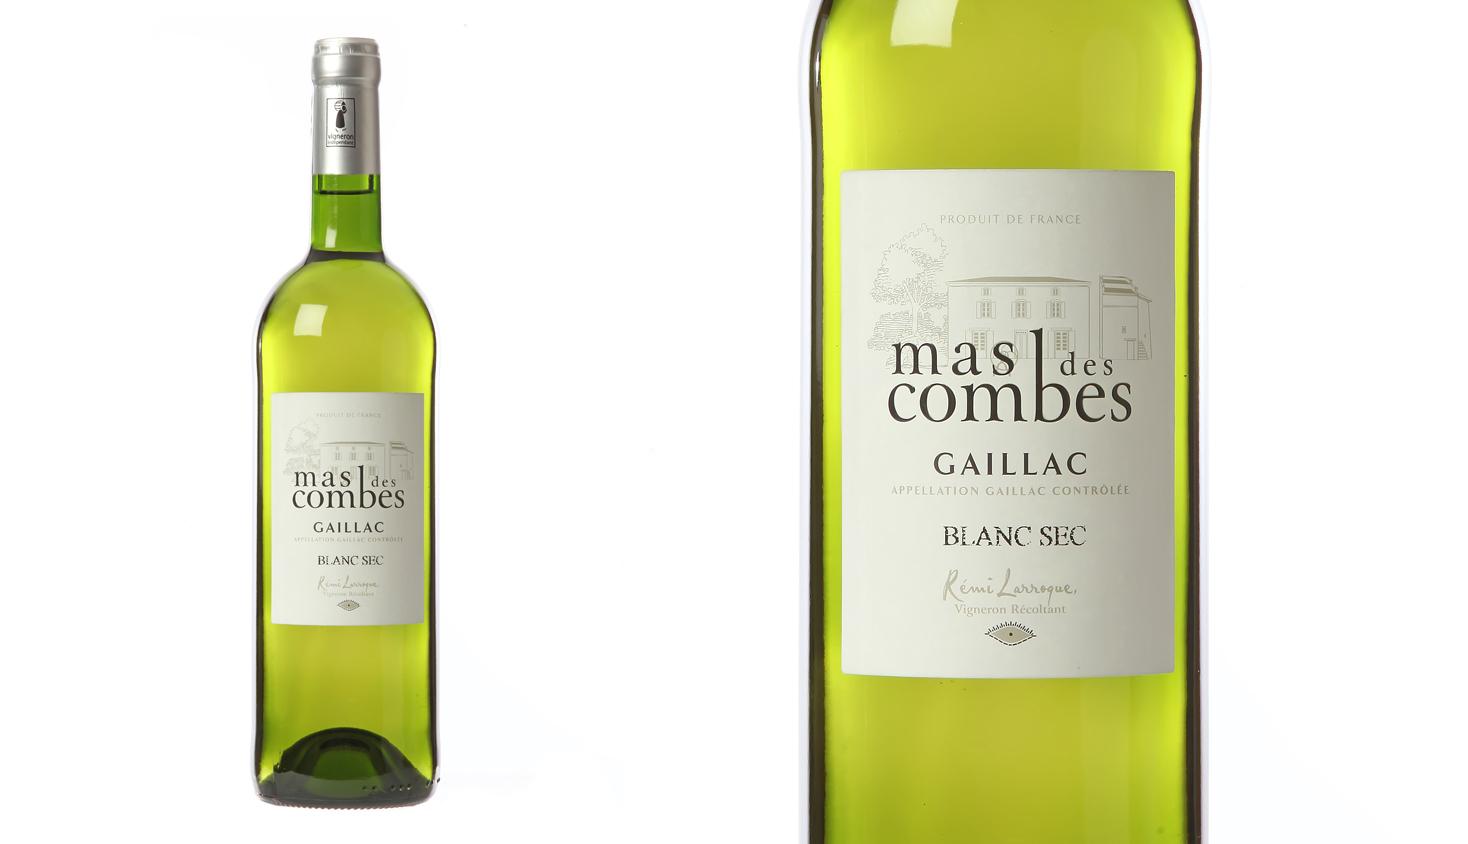 mas_des_combes_blanc_sec_vins_de_gaillac